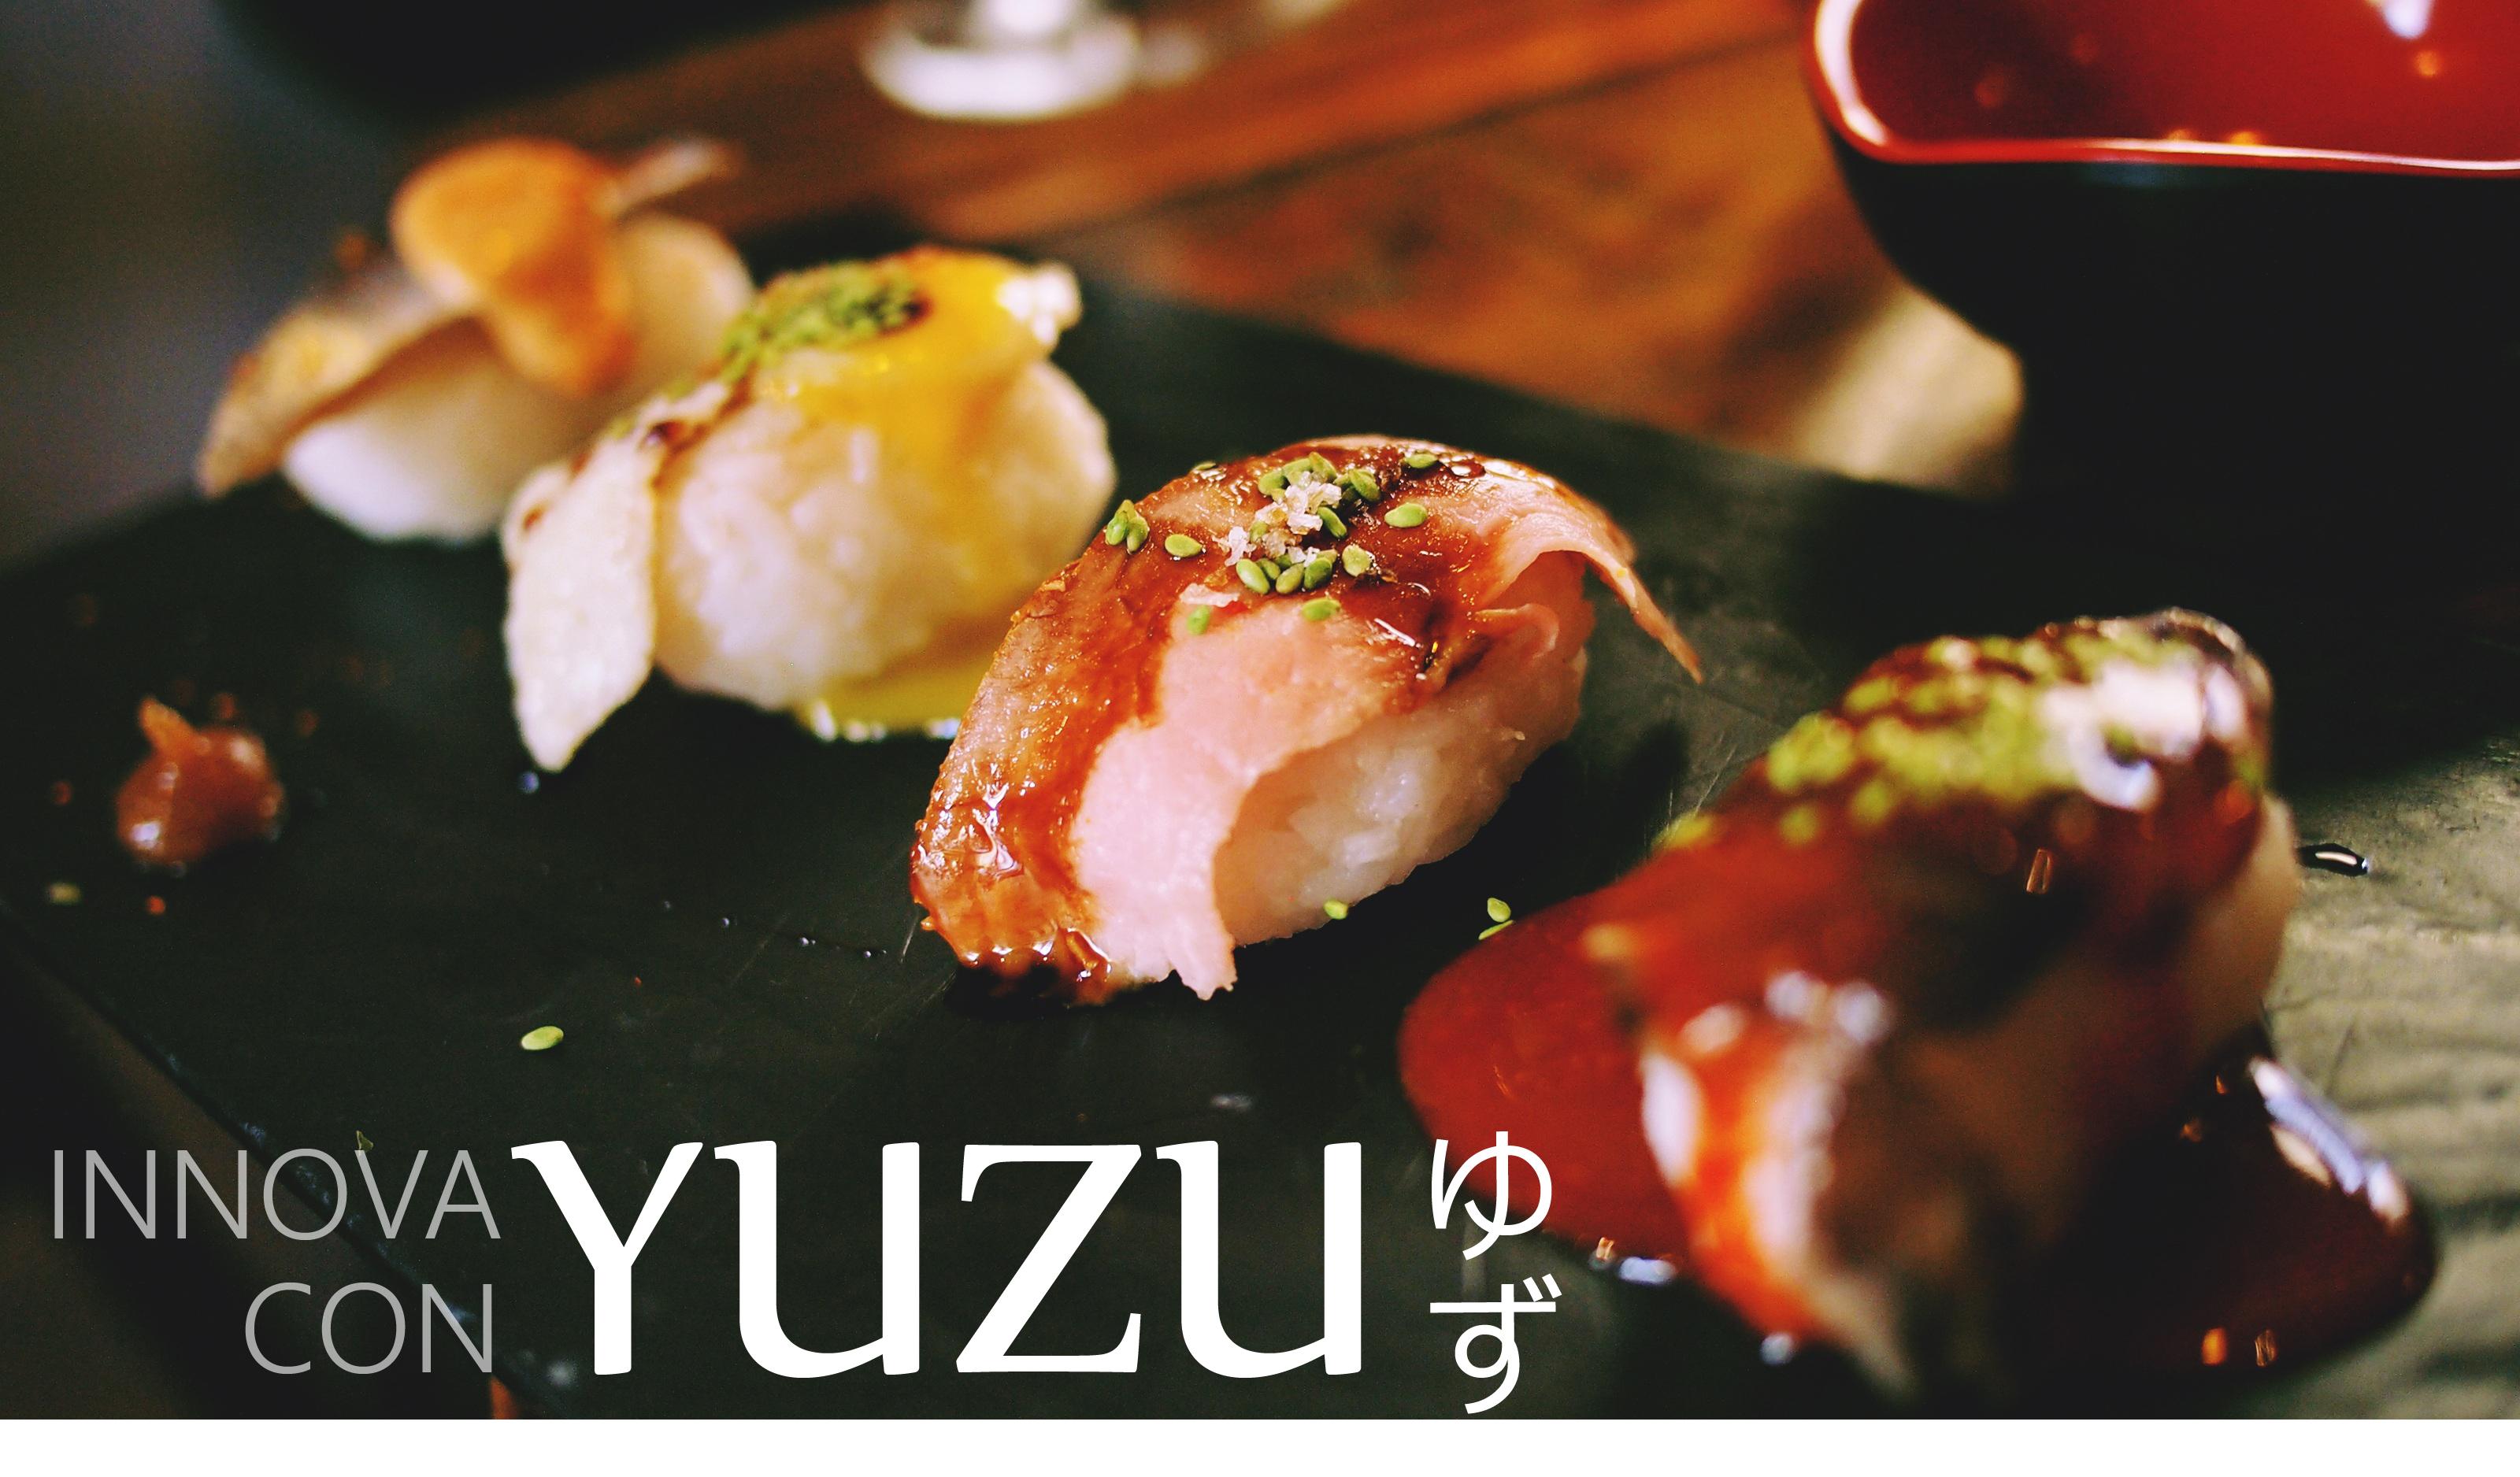 Yuzu & Life - Innova con el yuzu